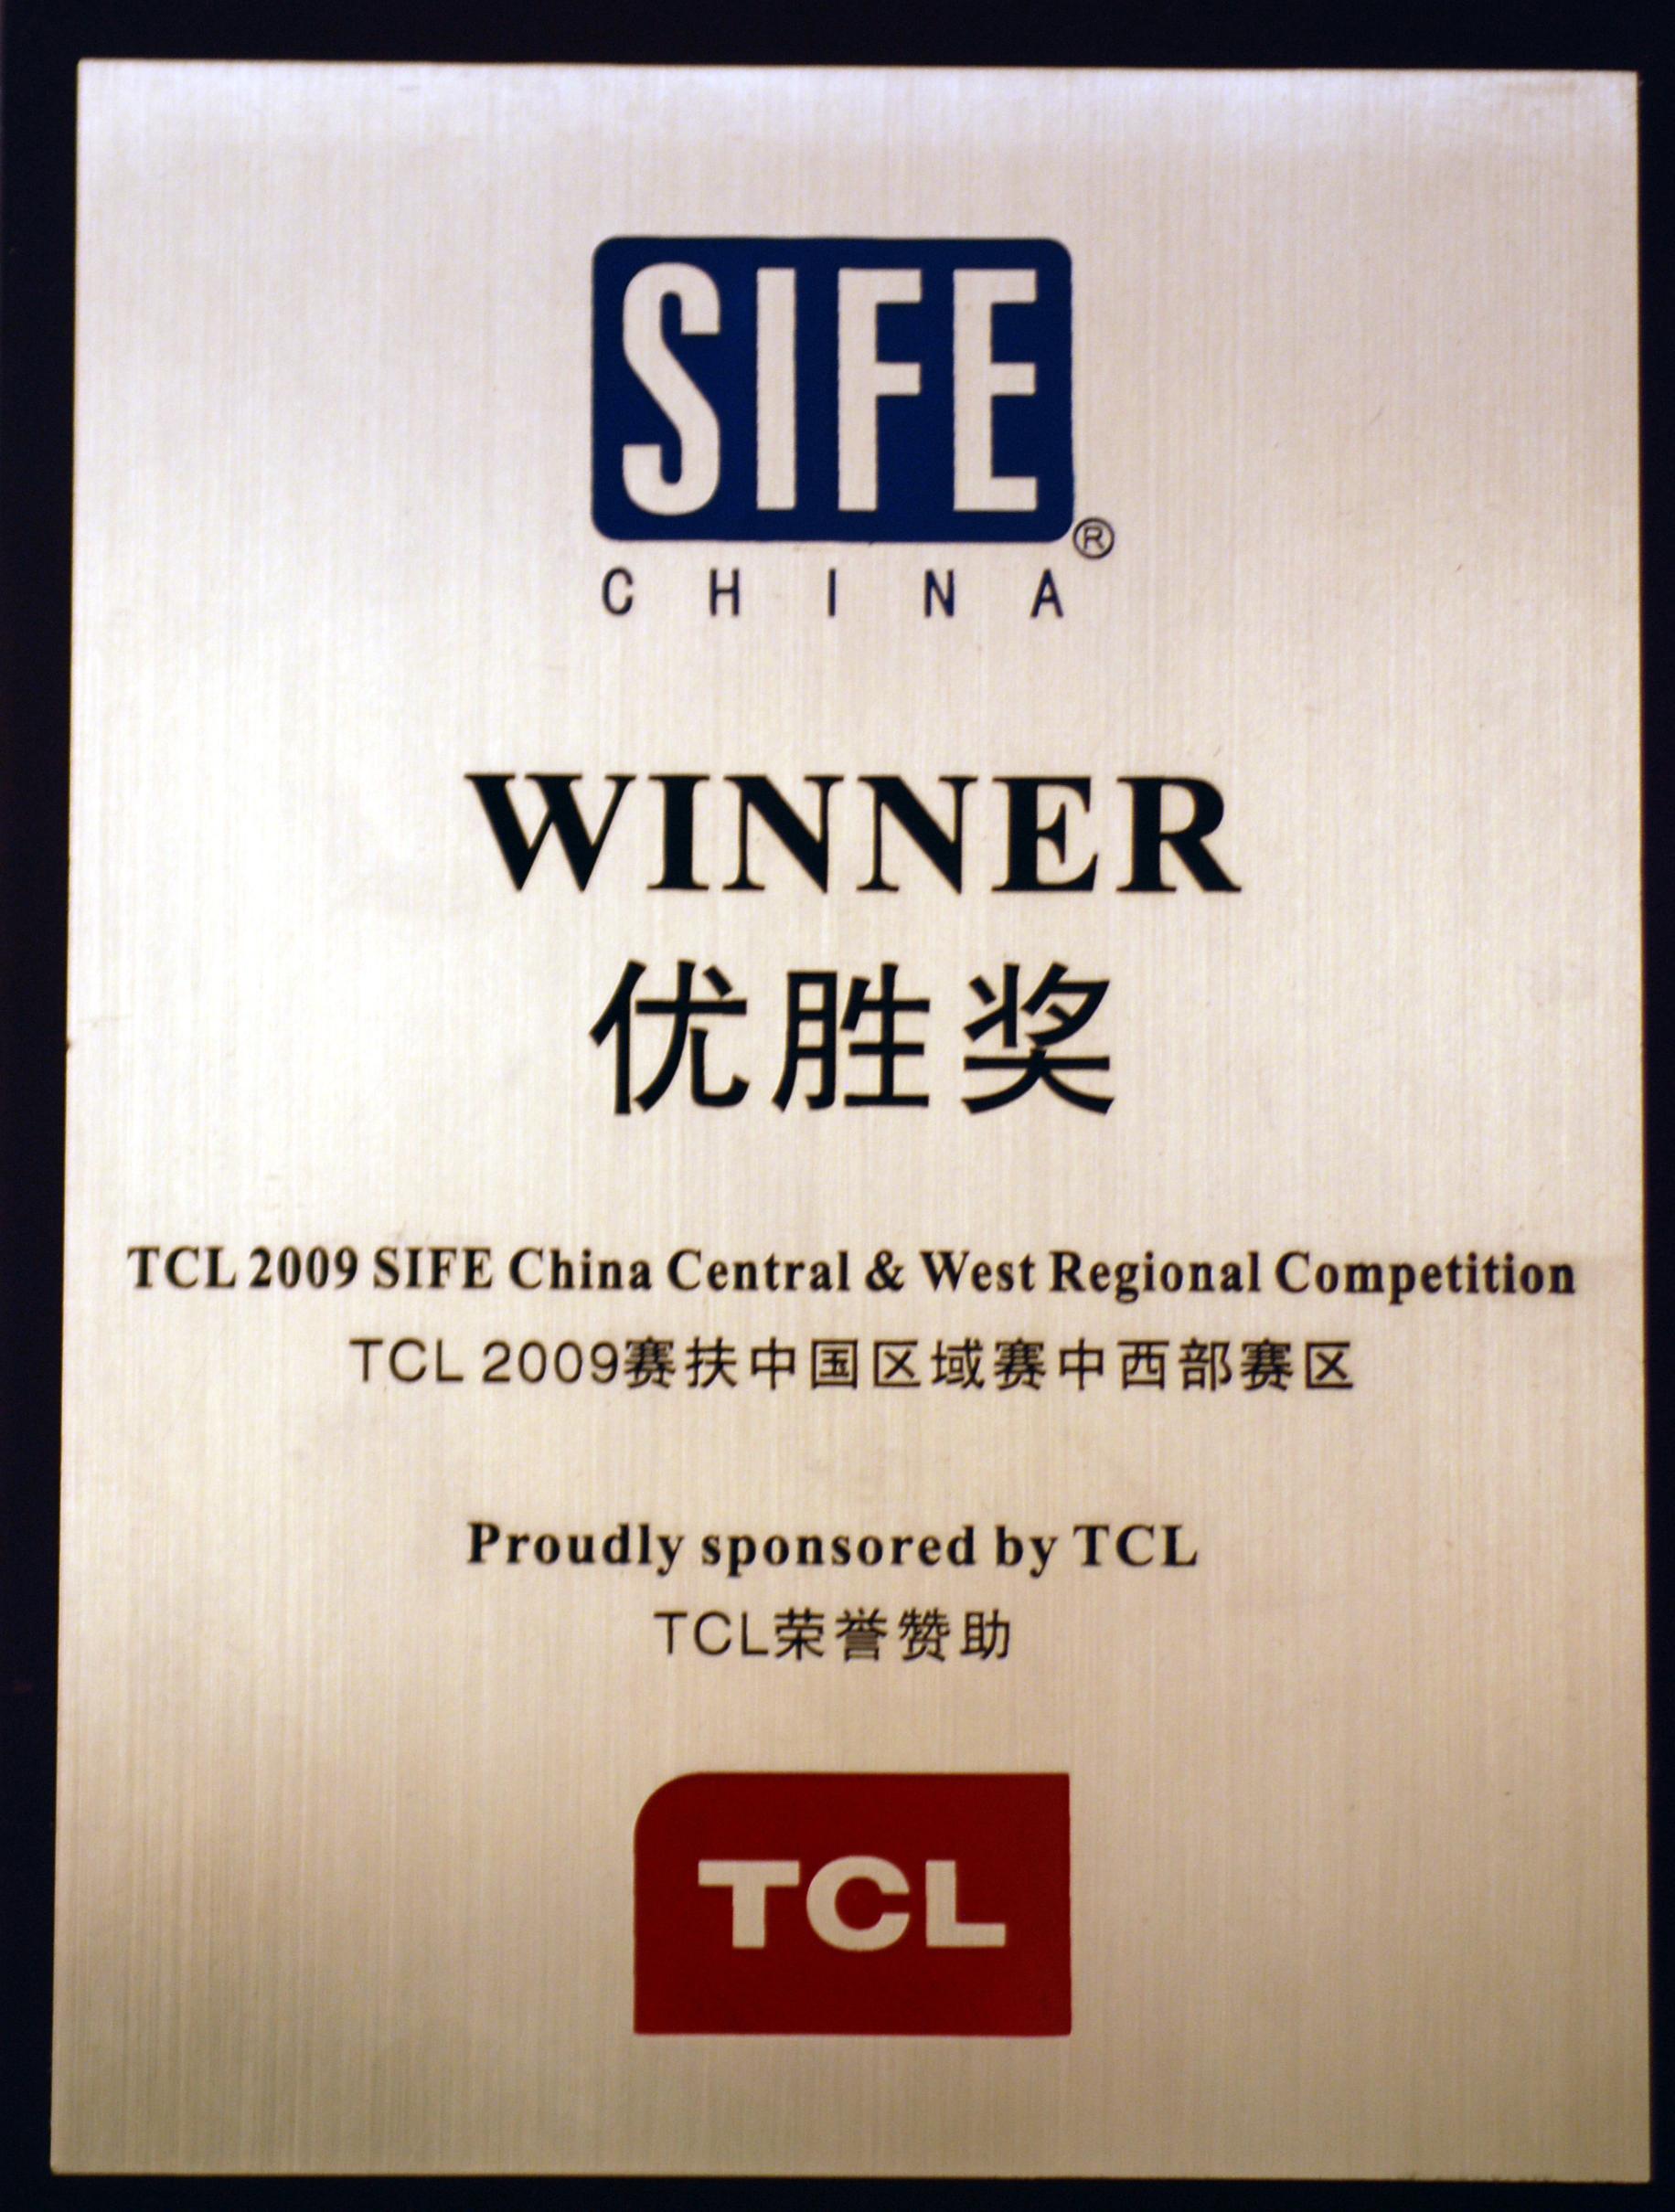 大学、重庆大学、中南大学、电子科大等数十个高校参赛队中脱